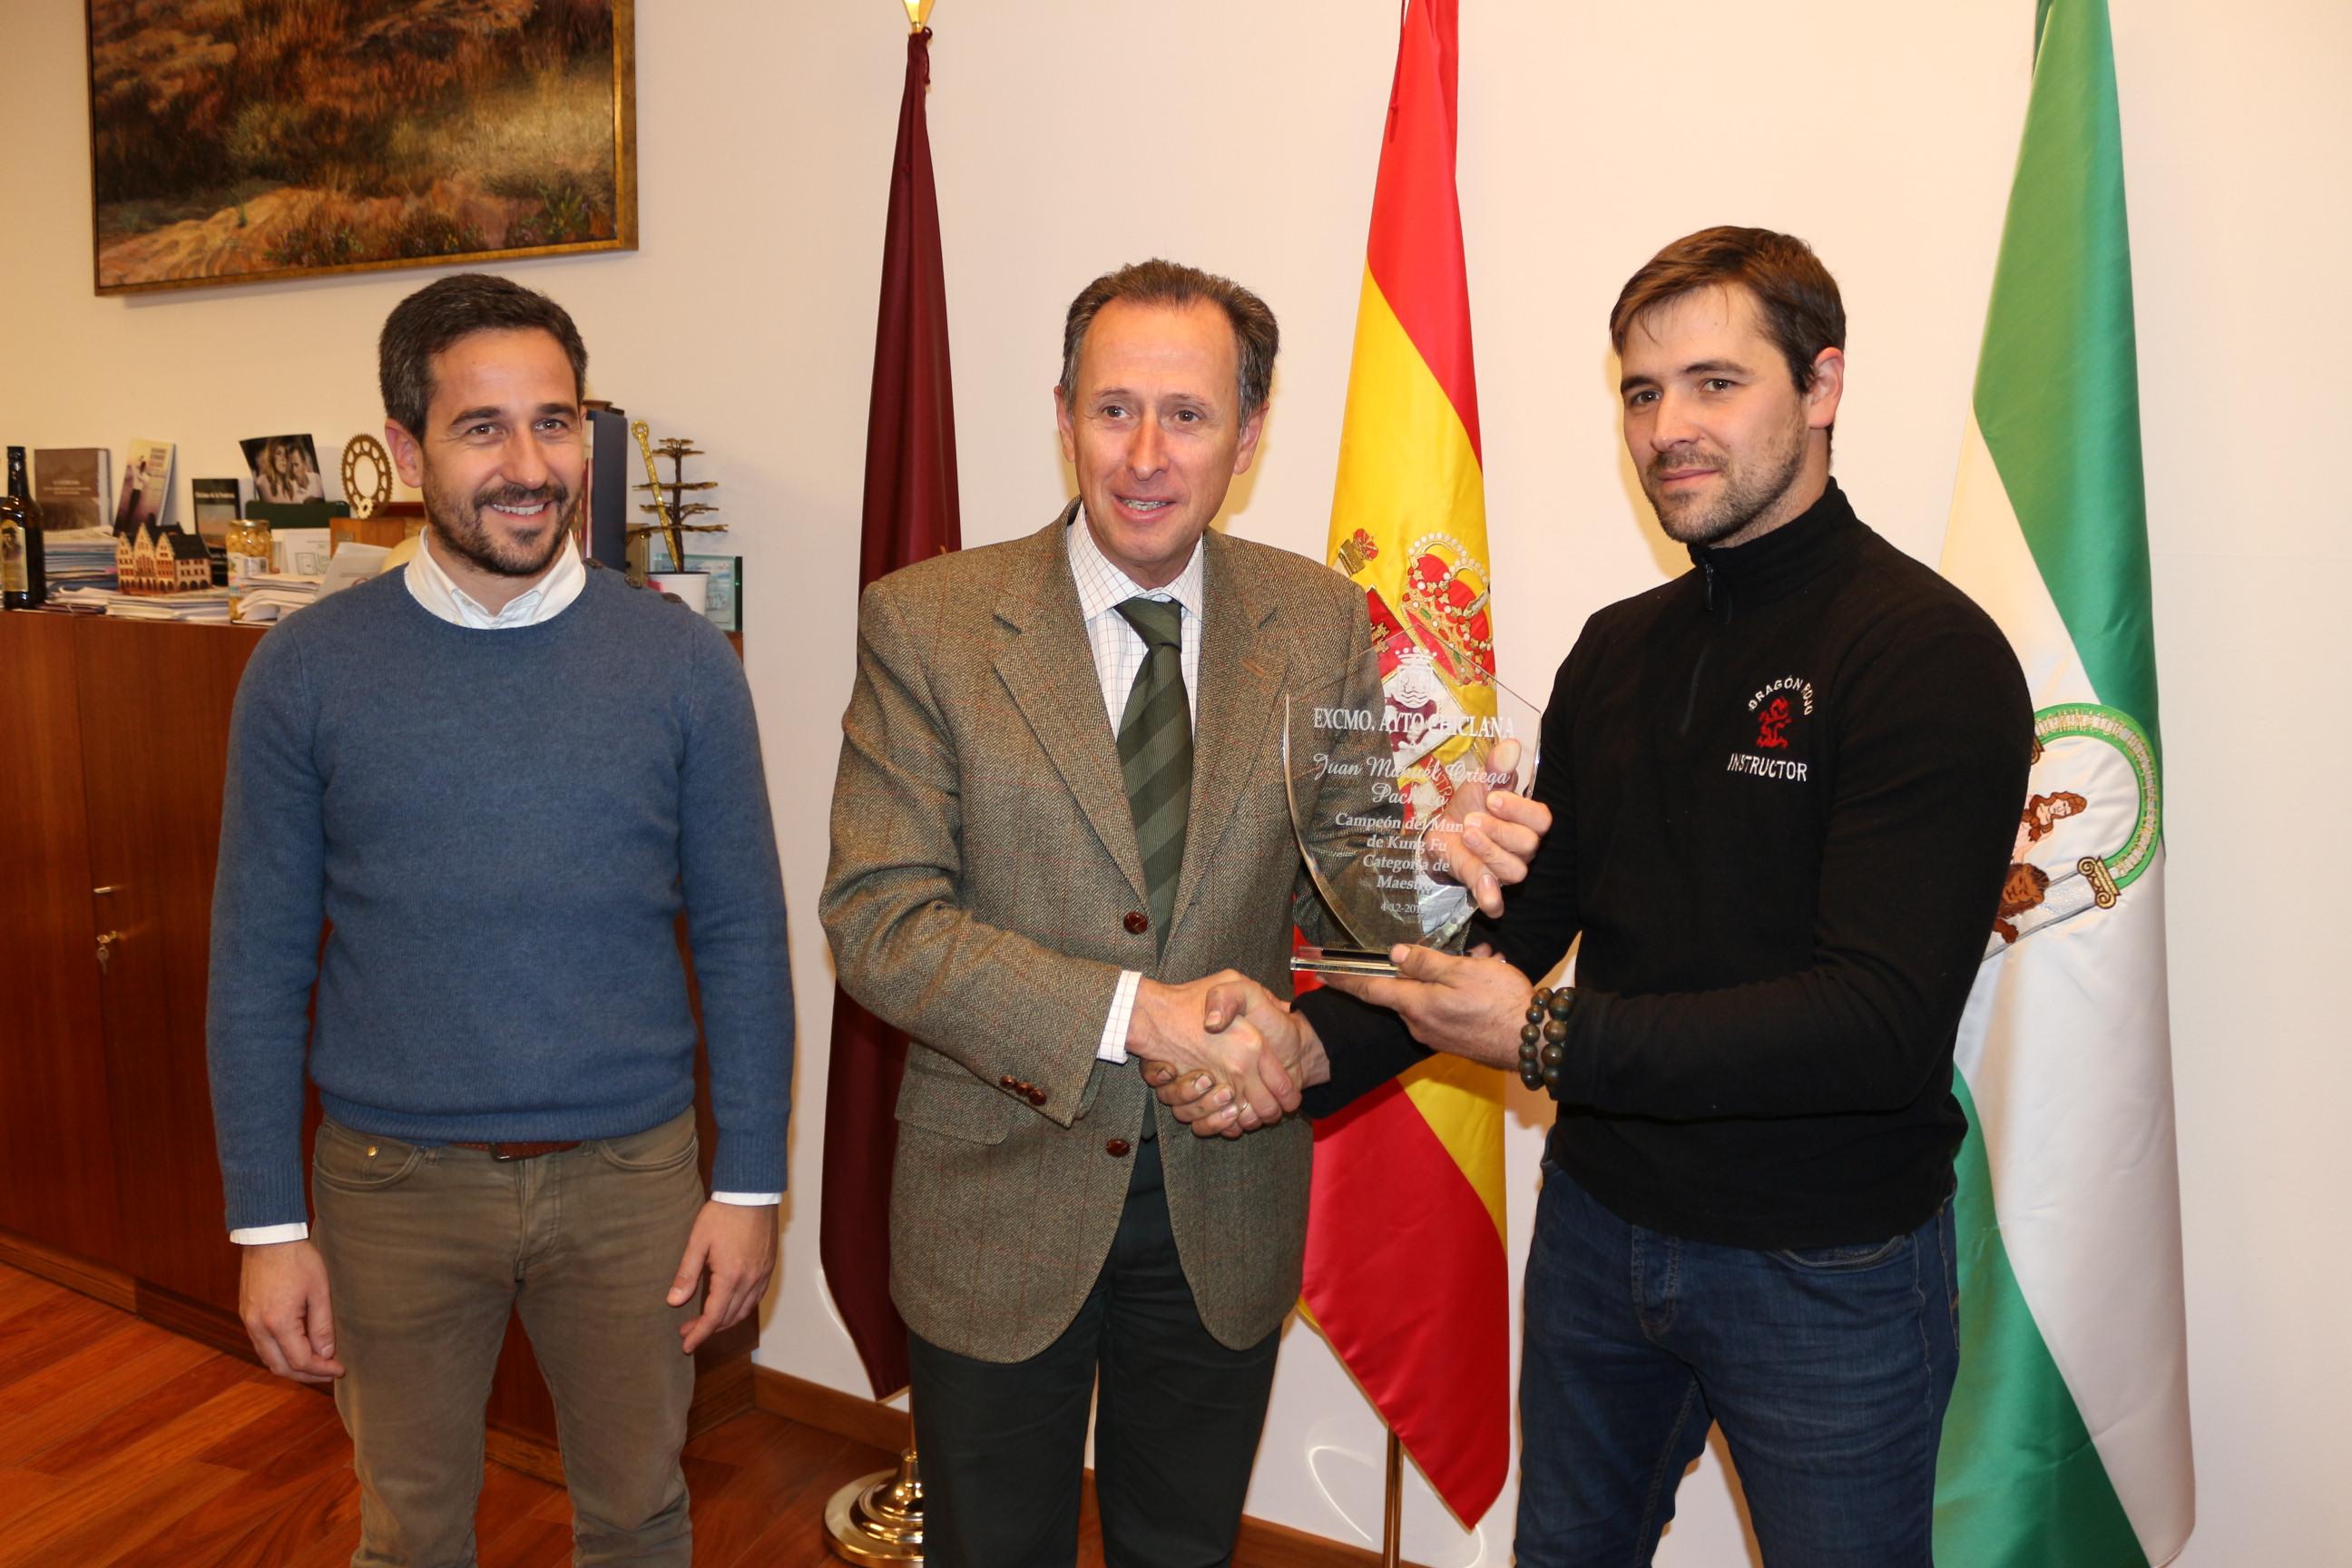 El alcalde entrega a Juan Manuel Ortega una placa de recuerdo por su campeonato del mundo